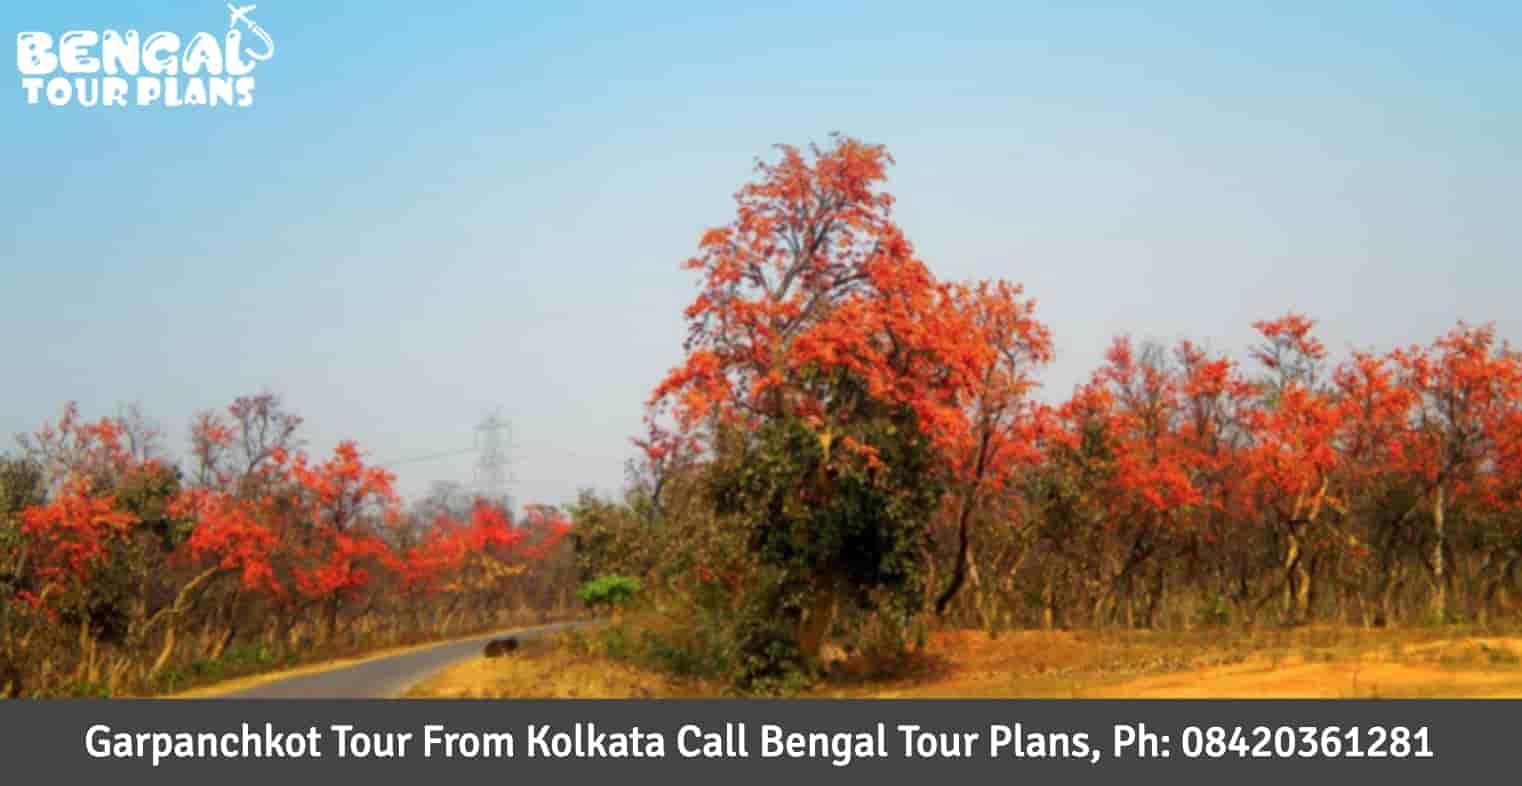 Garpanchkot Tour From Kolkata